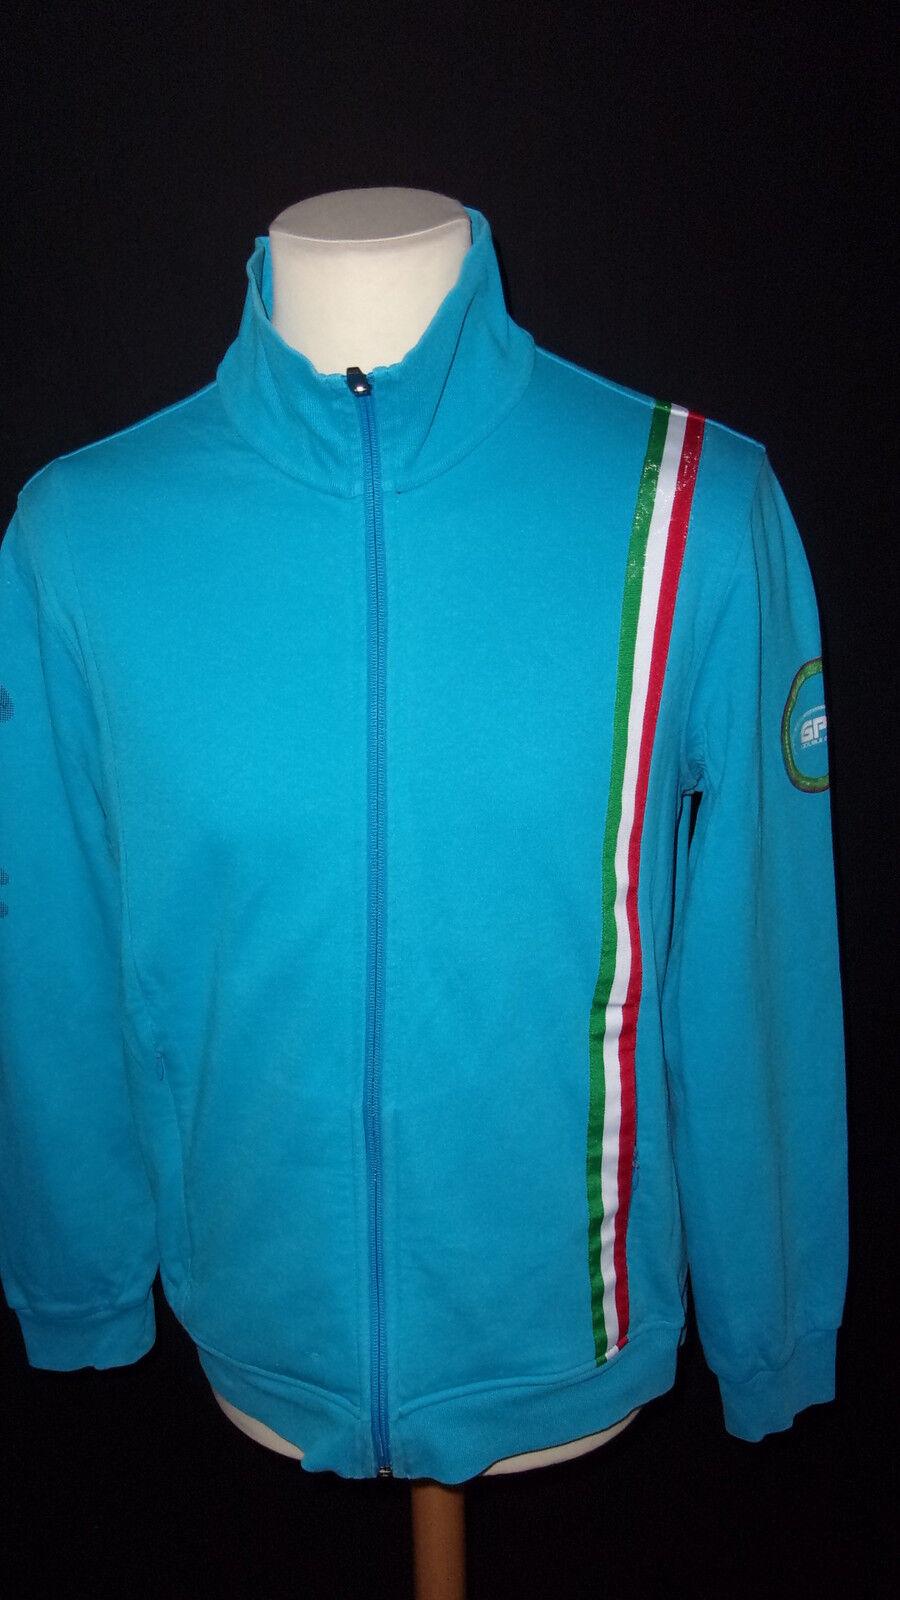 Veste d'équitation GPA édition limitée blue size L